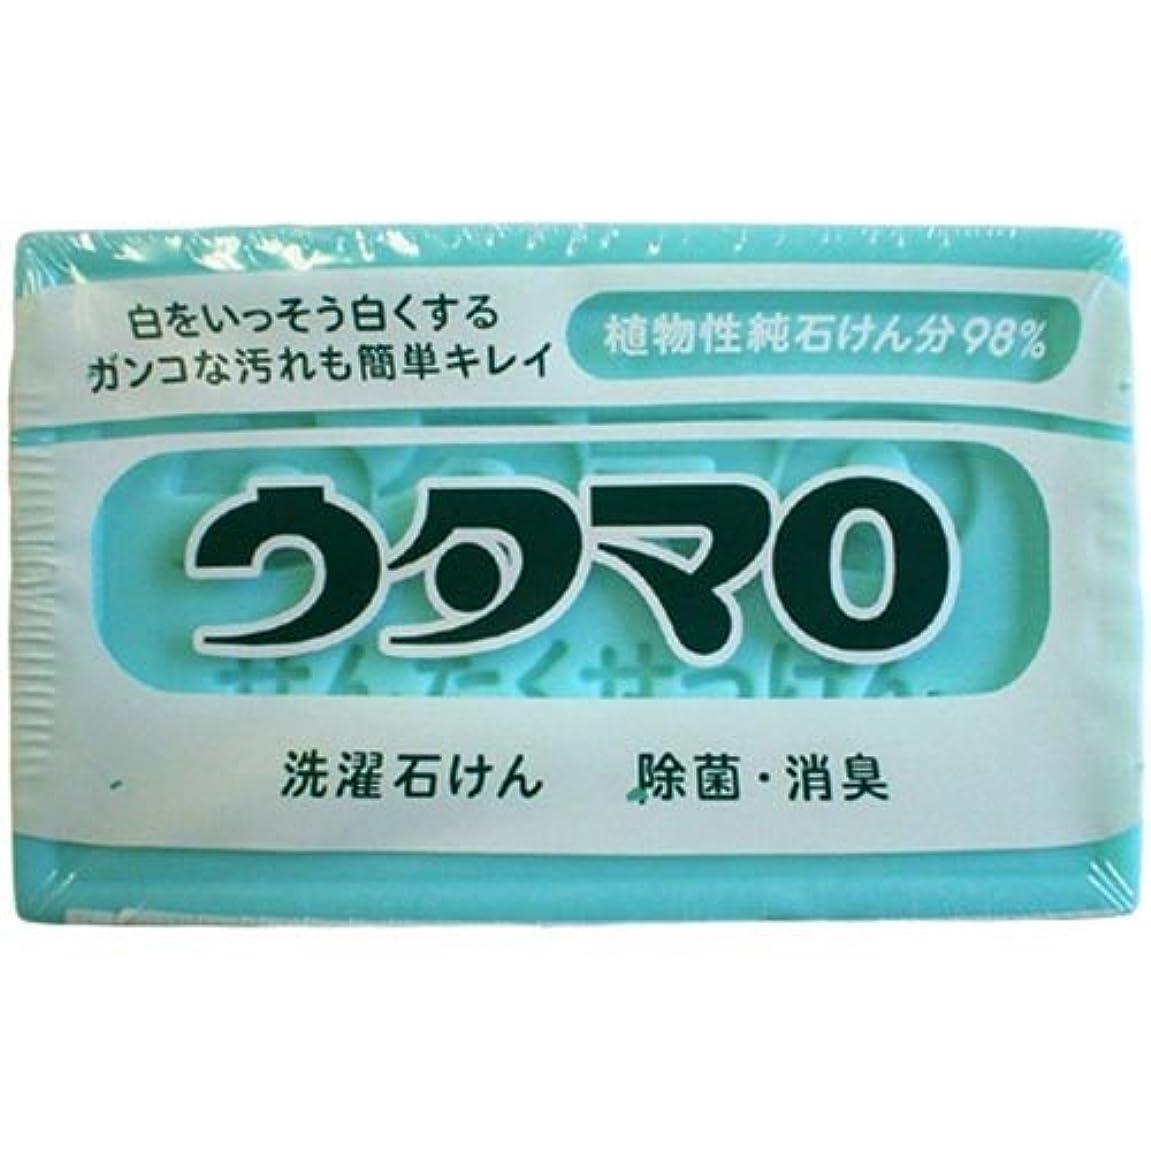 クレーター一定キャスト東邦 ウタマロ マホー石鹸 3個セット TO-SE3